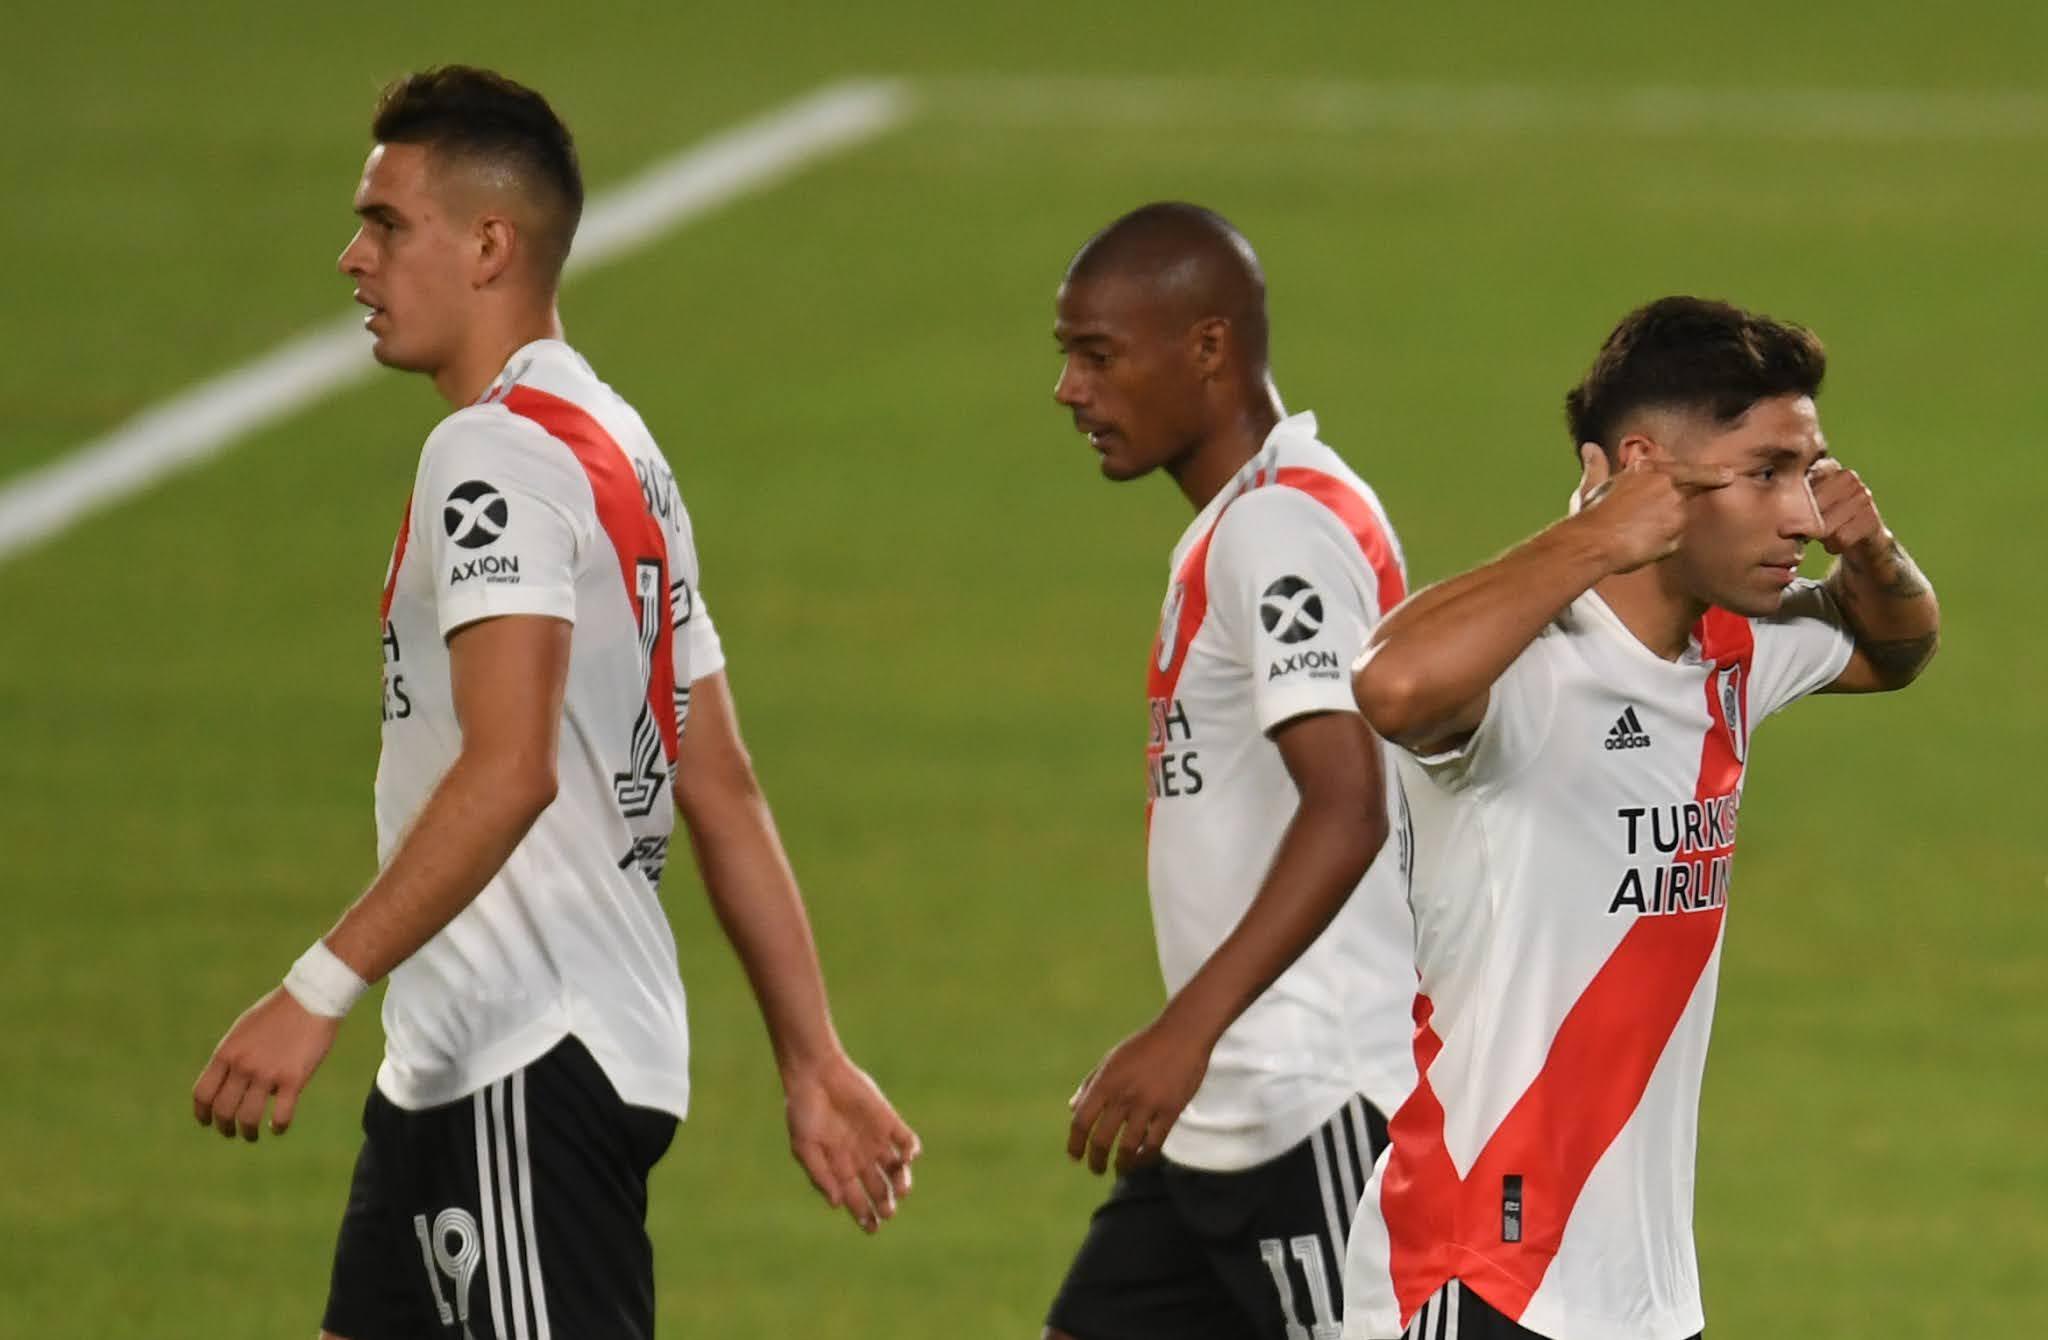 GALERIA DE FOTOS: River volvió al Monumental con una victoria ante Rosario Central